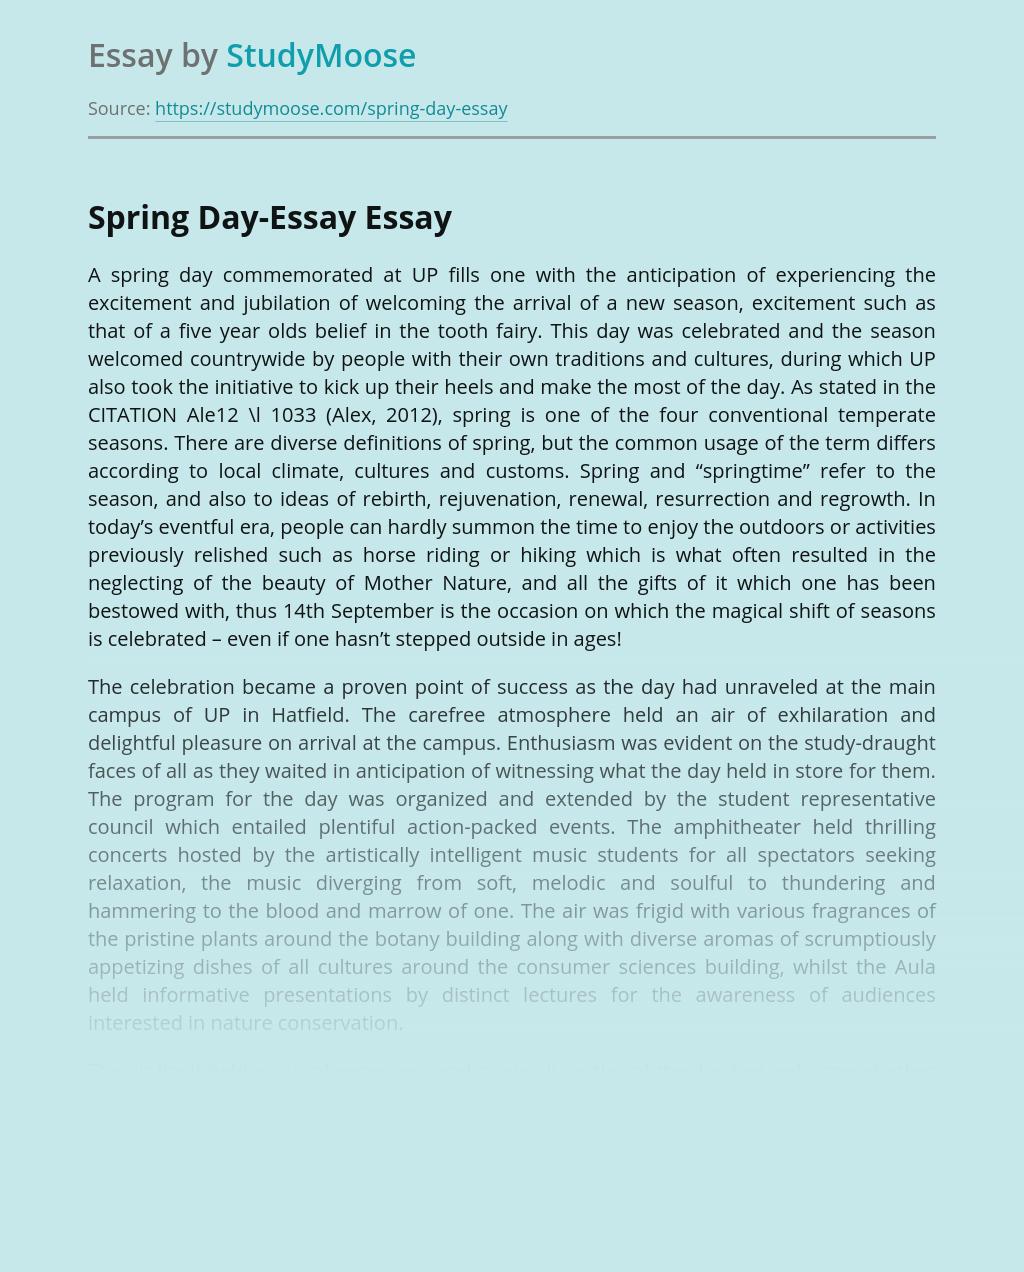 Spring Day-Essay